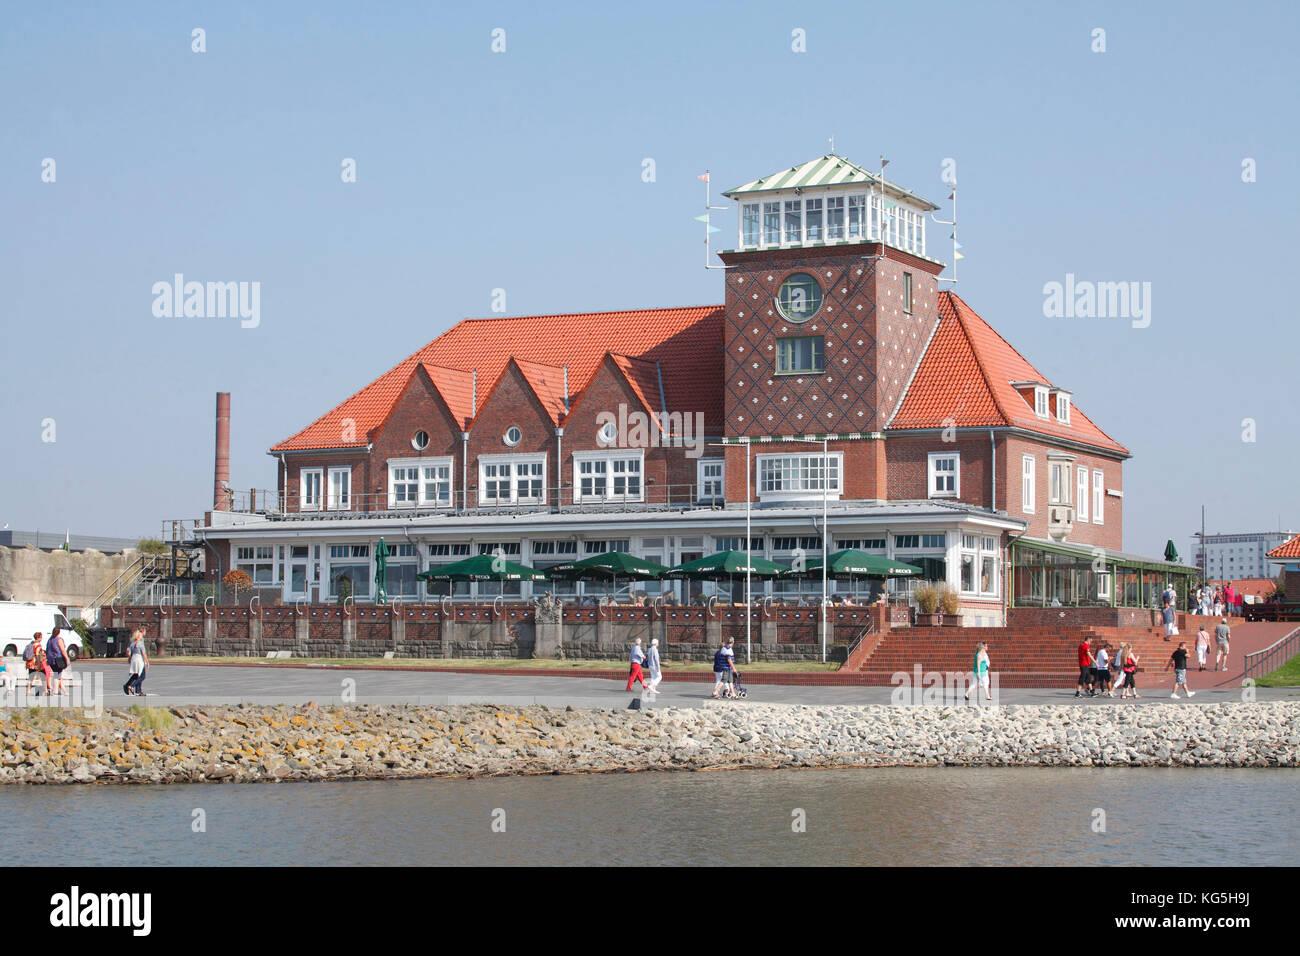 Dating cafe bremerhaven Dating Cafe Bremerhaven - resursfaq